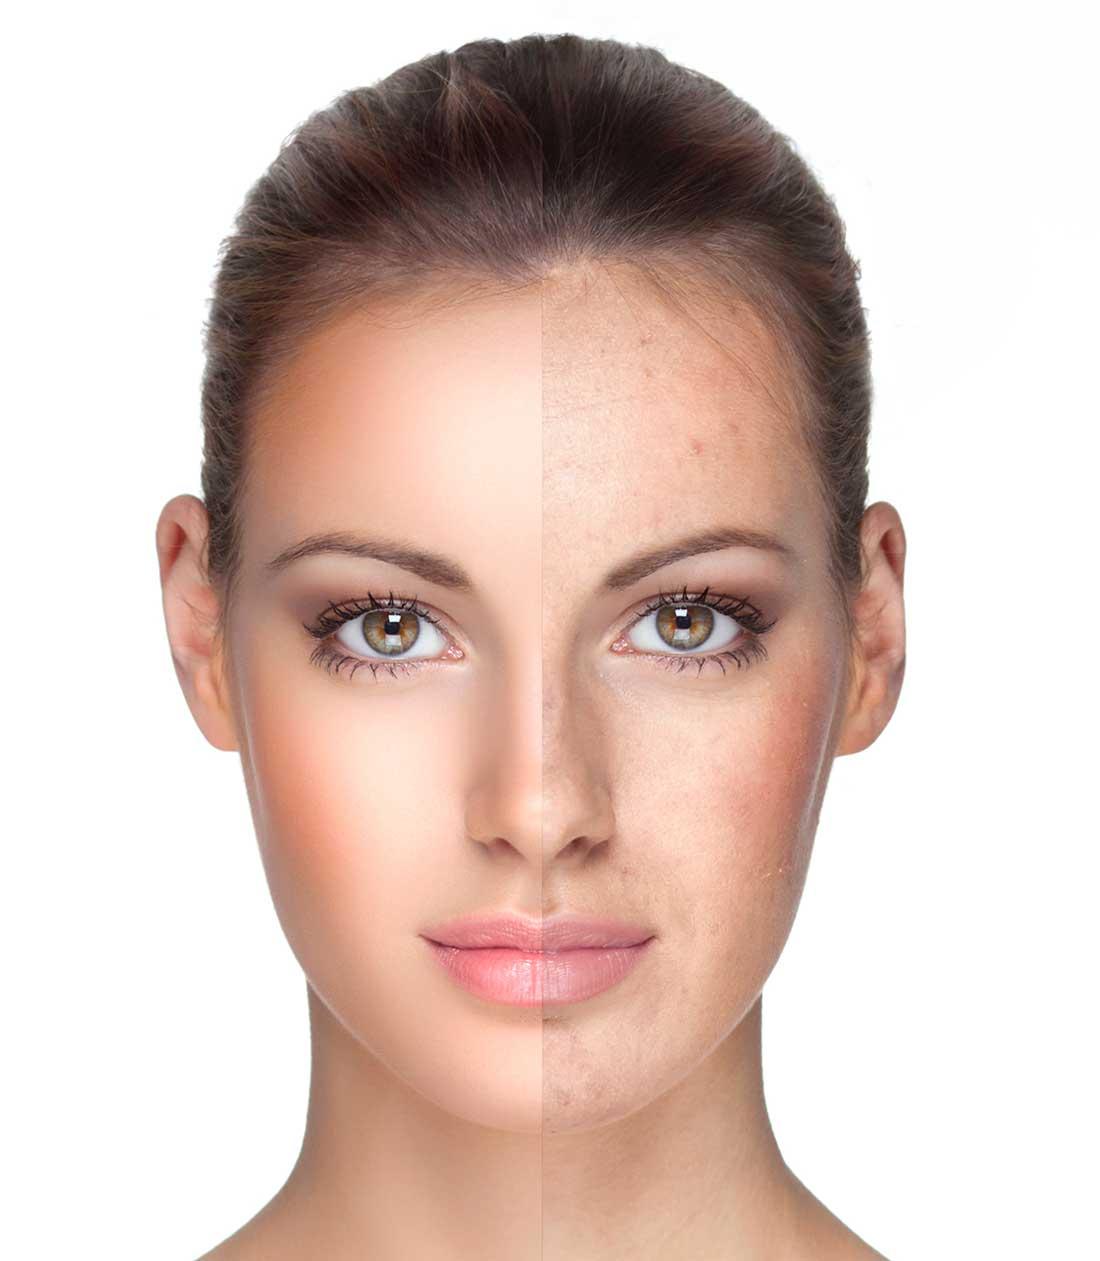 laserbehandling københavn skønhedsklinik